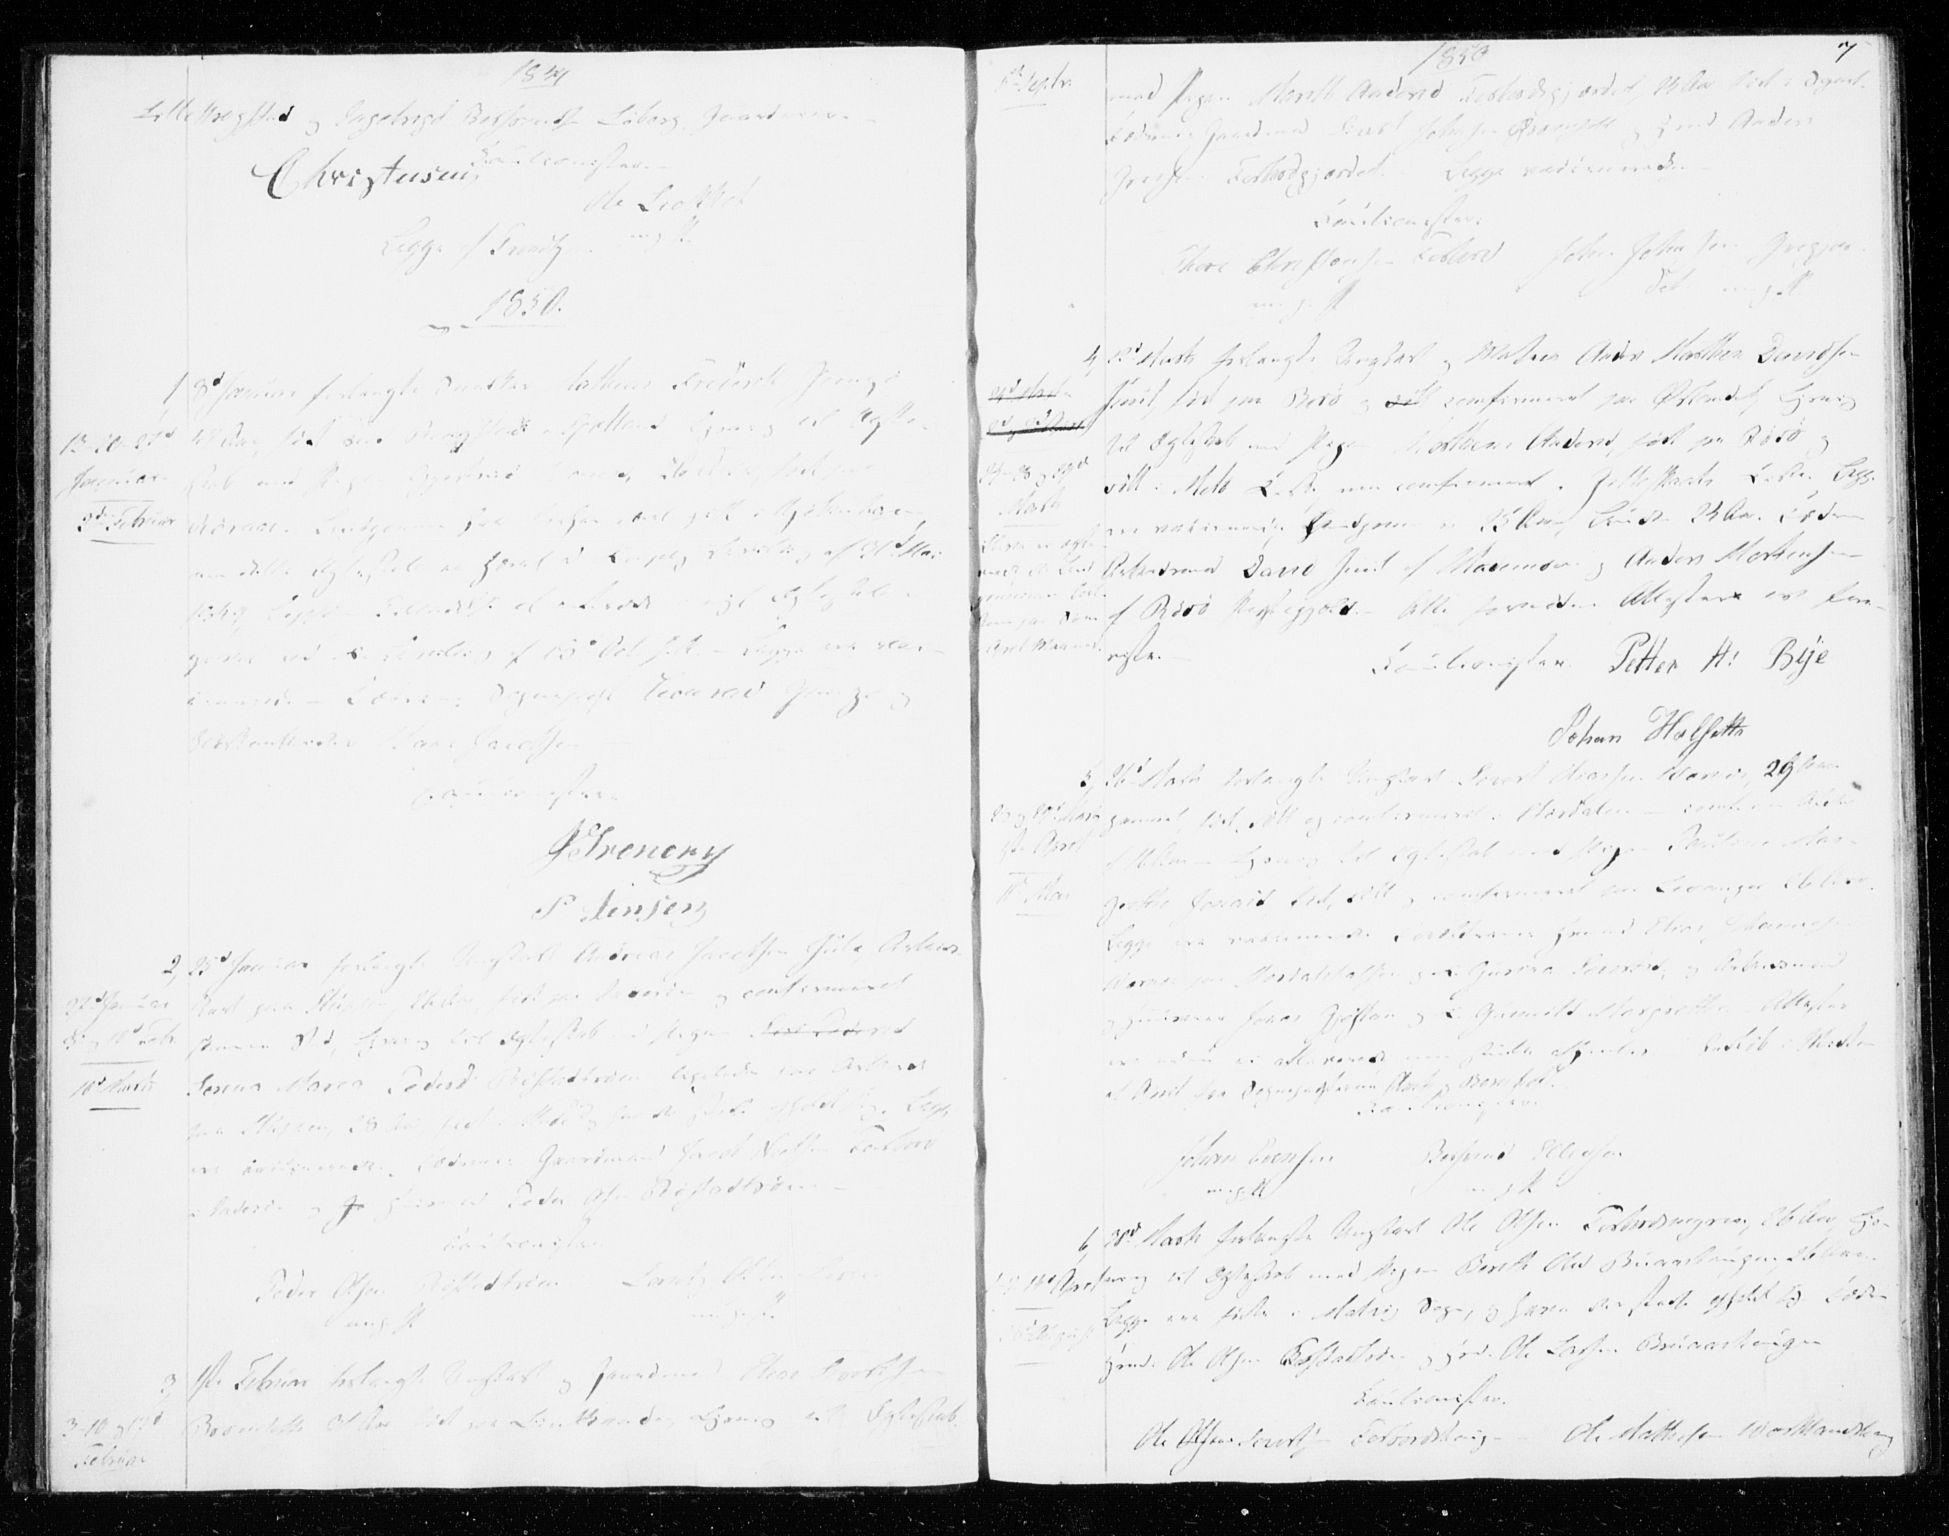 SAT, Ministerialprotokoller, klokkerbøker og fødselsregistre - Sør-Trøndelag, 606/L0296: Lysningsprotokoll nr. 606A11, 1849-1854, s. 7